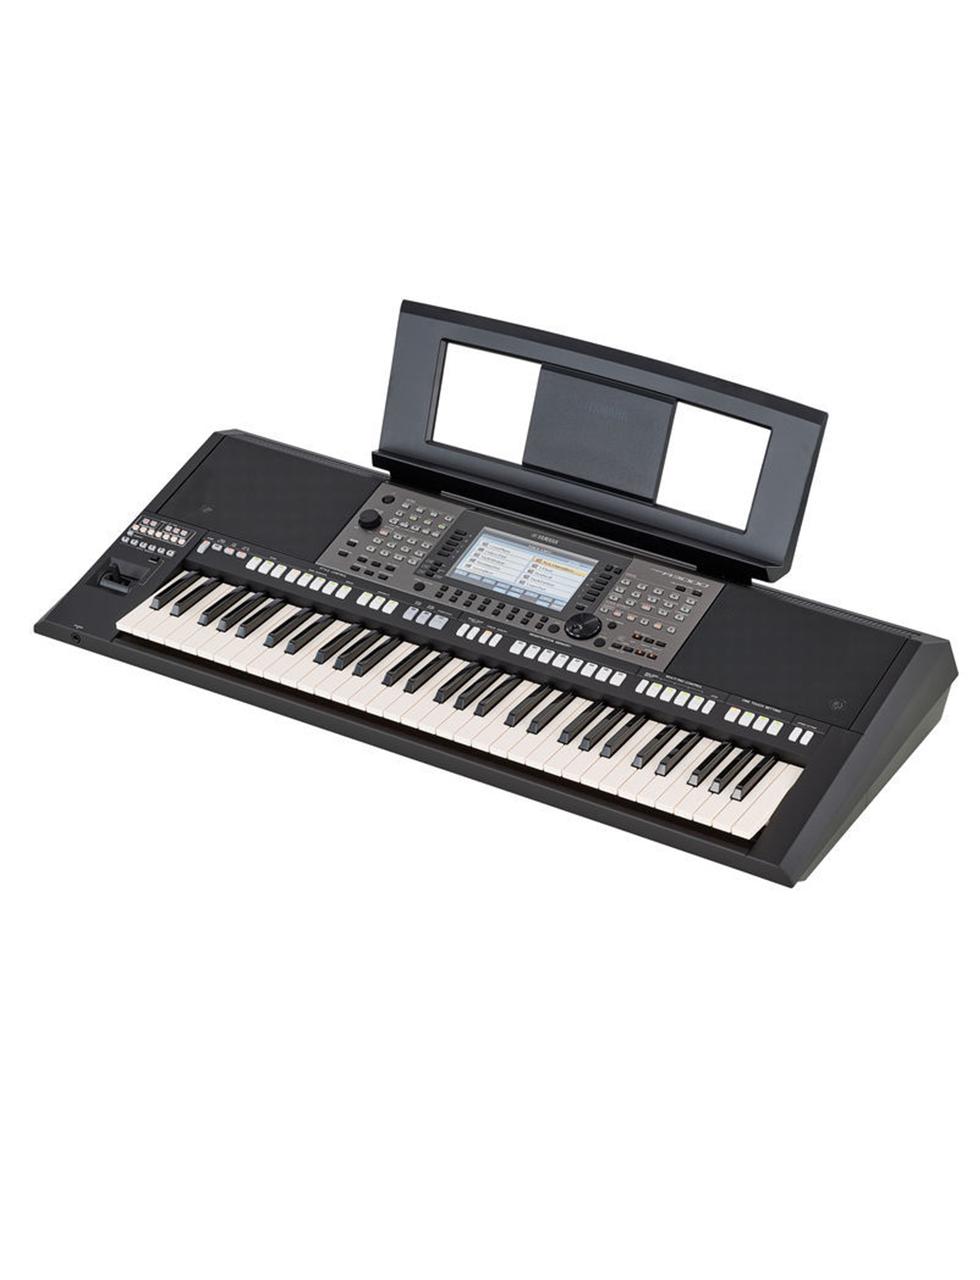 Yamaha psr ew300 laboheme for Yamaha psr ew300 keyboard